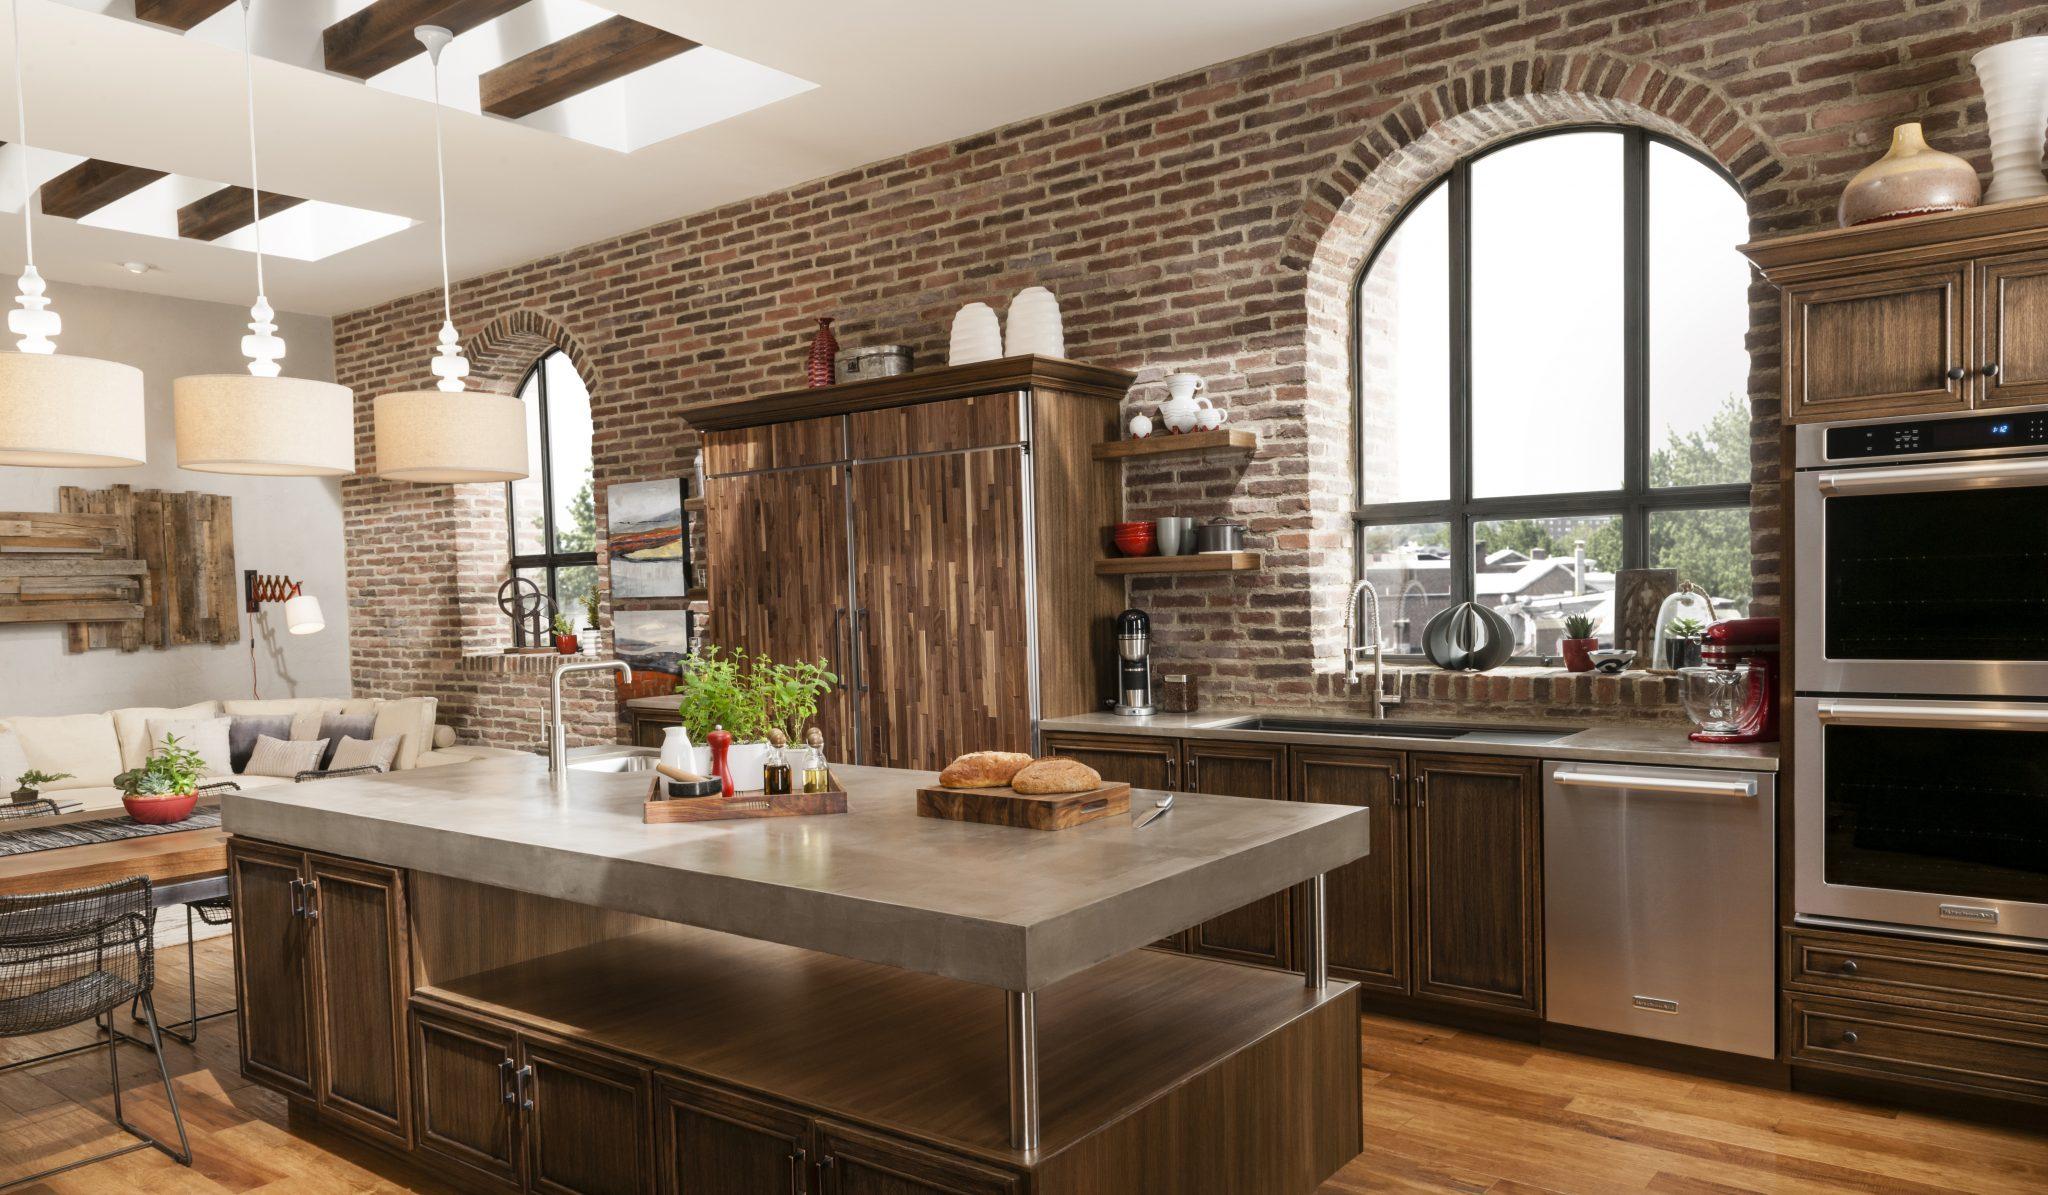 Кухня под кирпич в стиле модерн